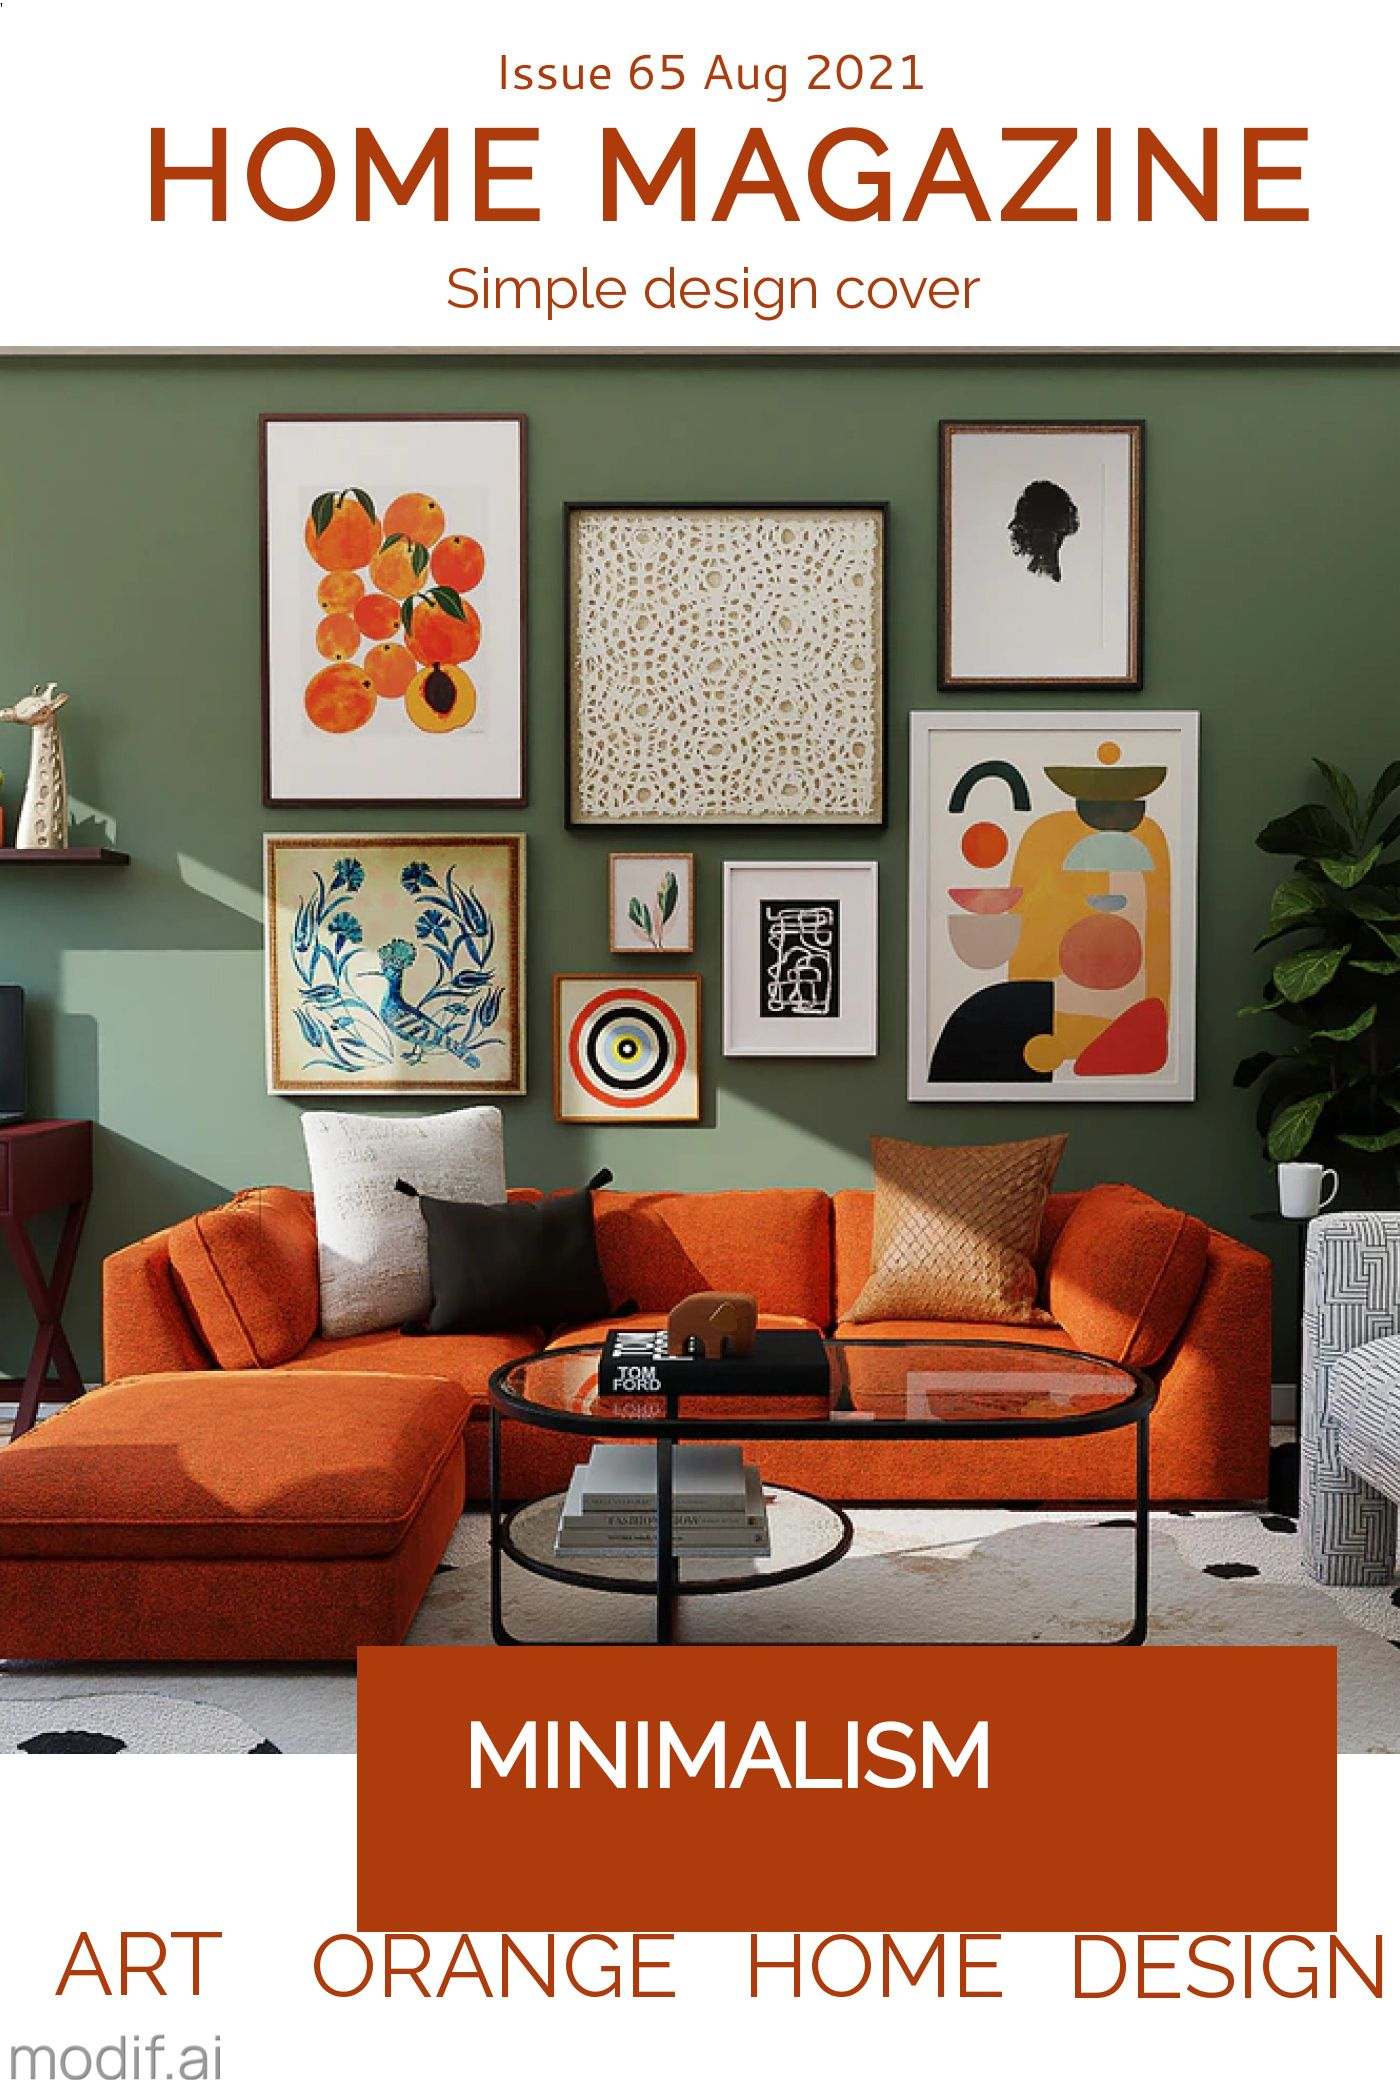 Home Magazine Template Design